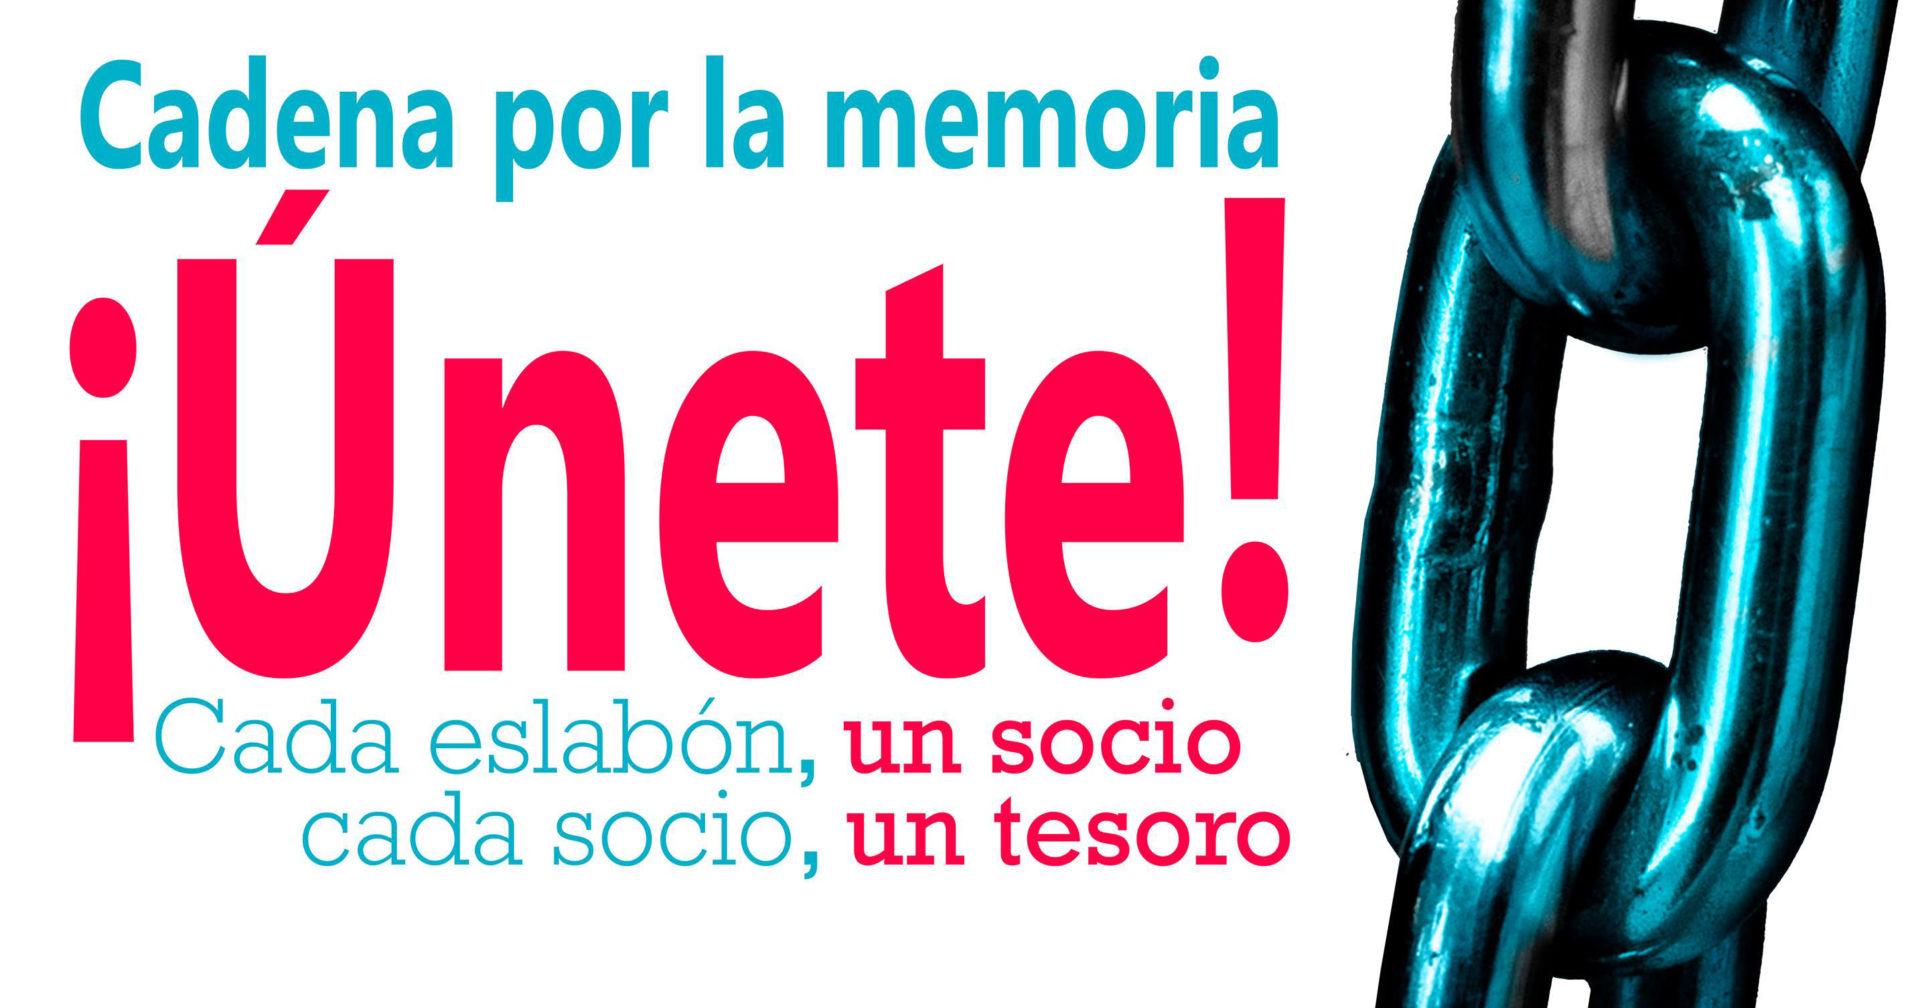 AFAD Recuerda Extremadura lanza la campaña 'Cadena por la memoria'